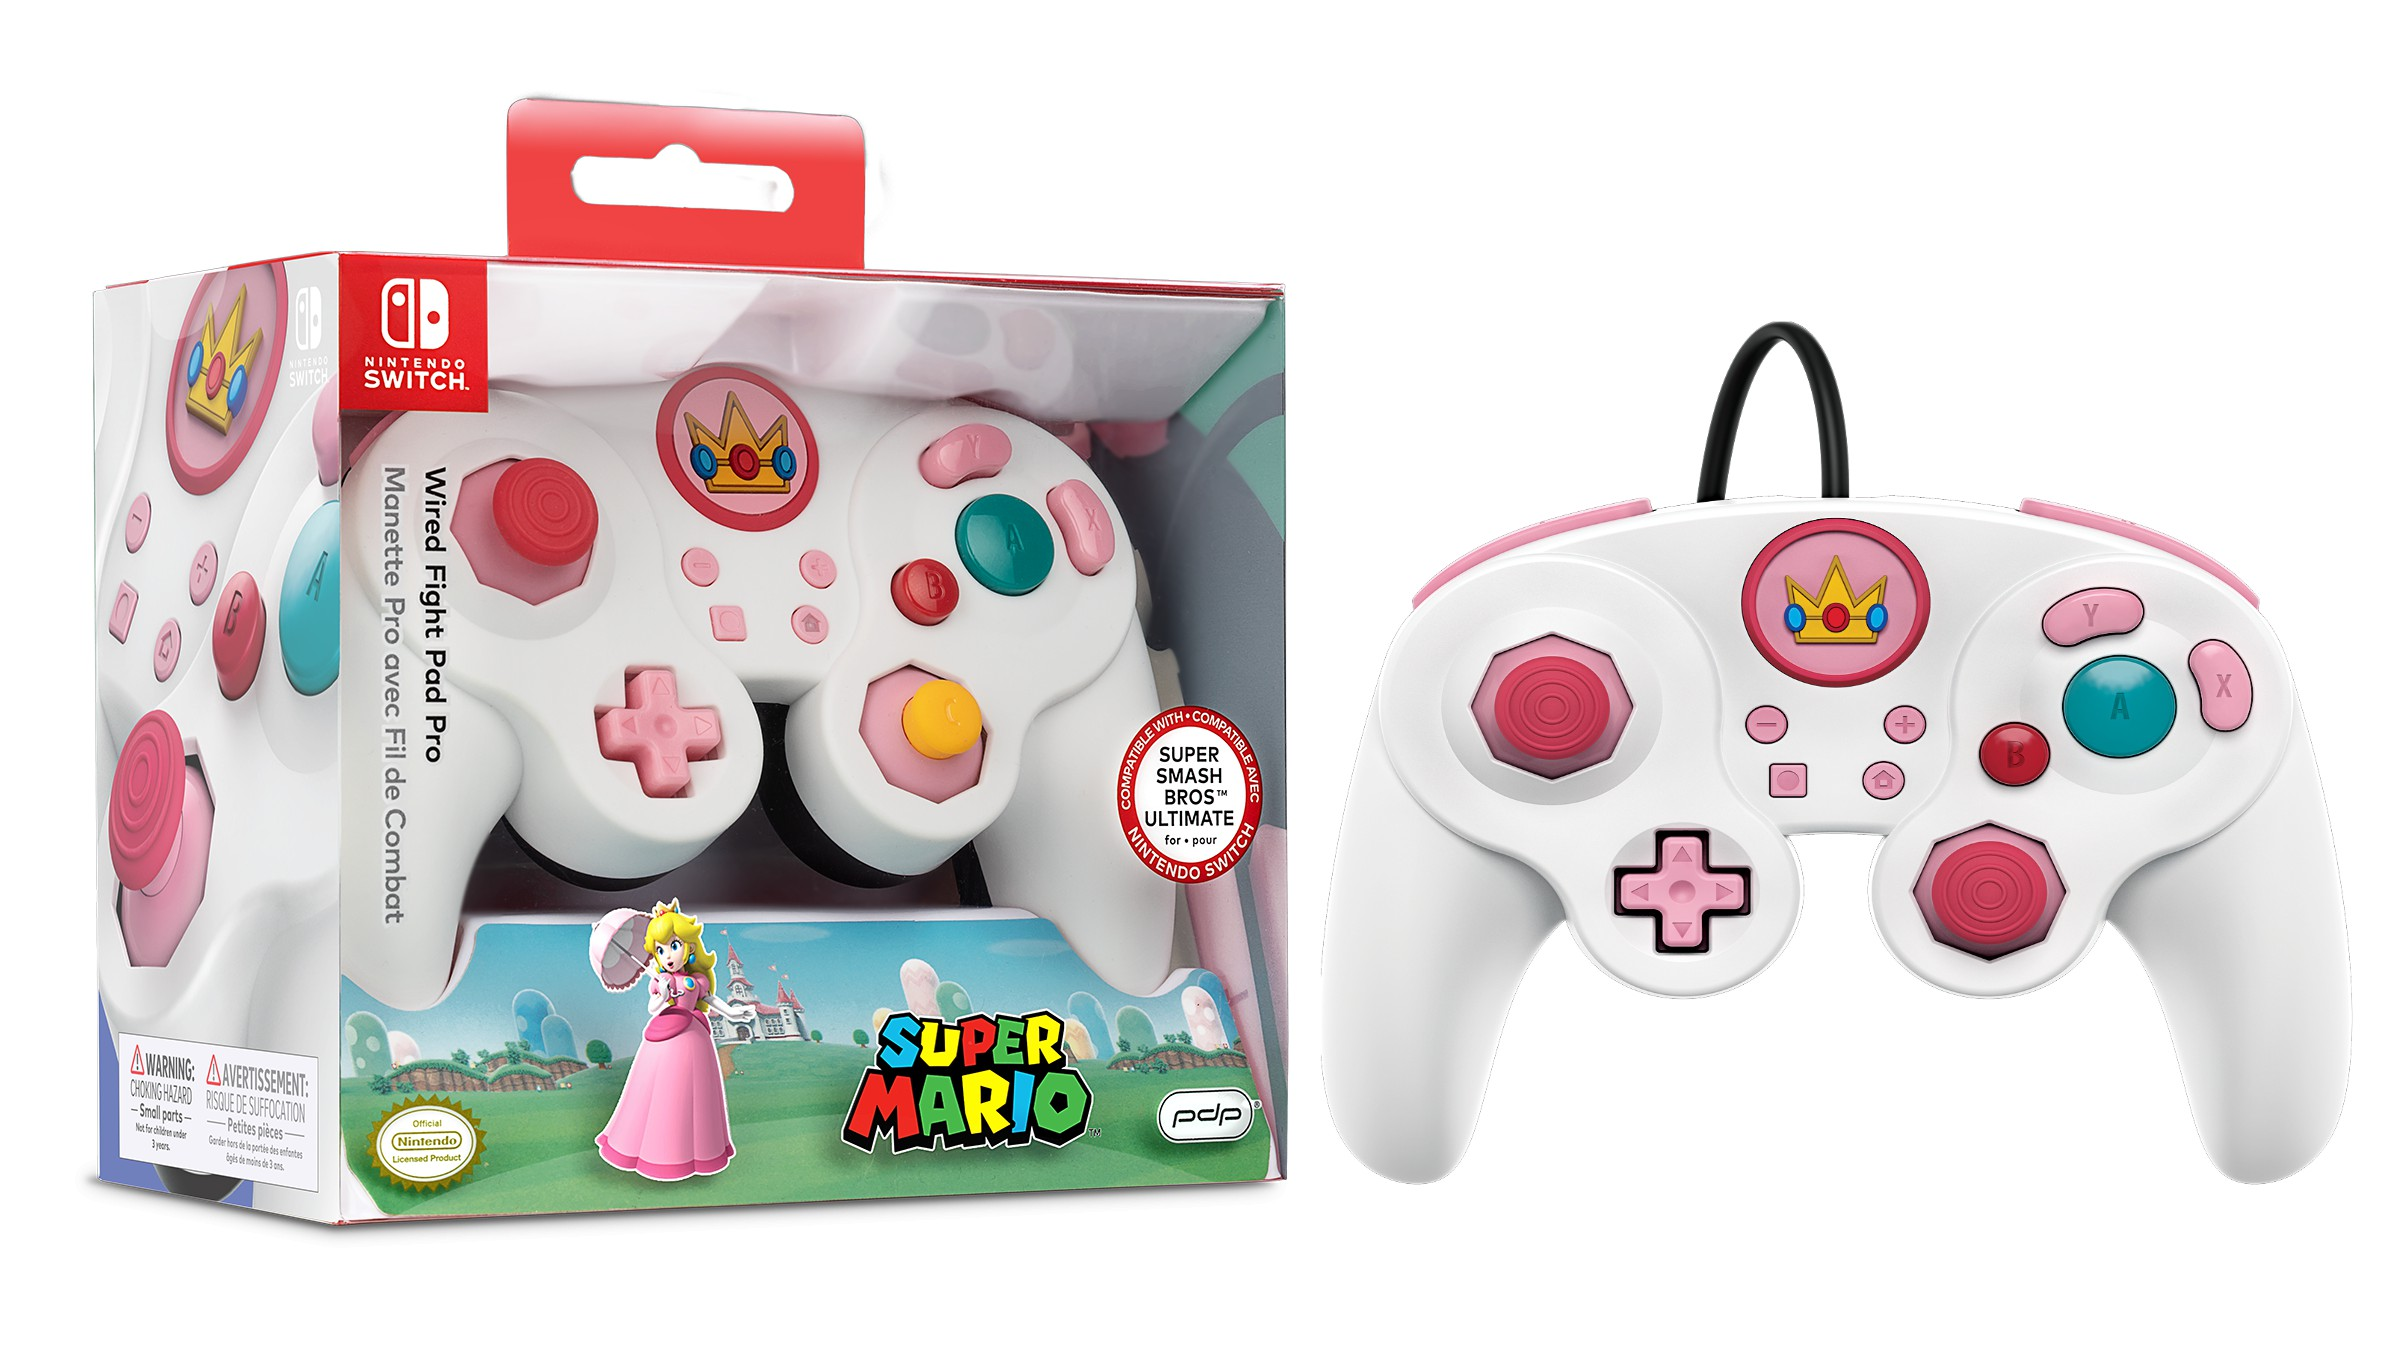 PDP Fight Pad Pro - Peach laidinis valdiklis skirtas Nintendo Switch